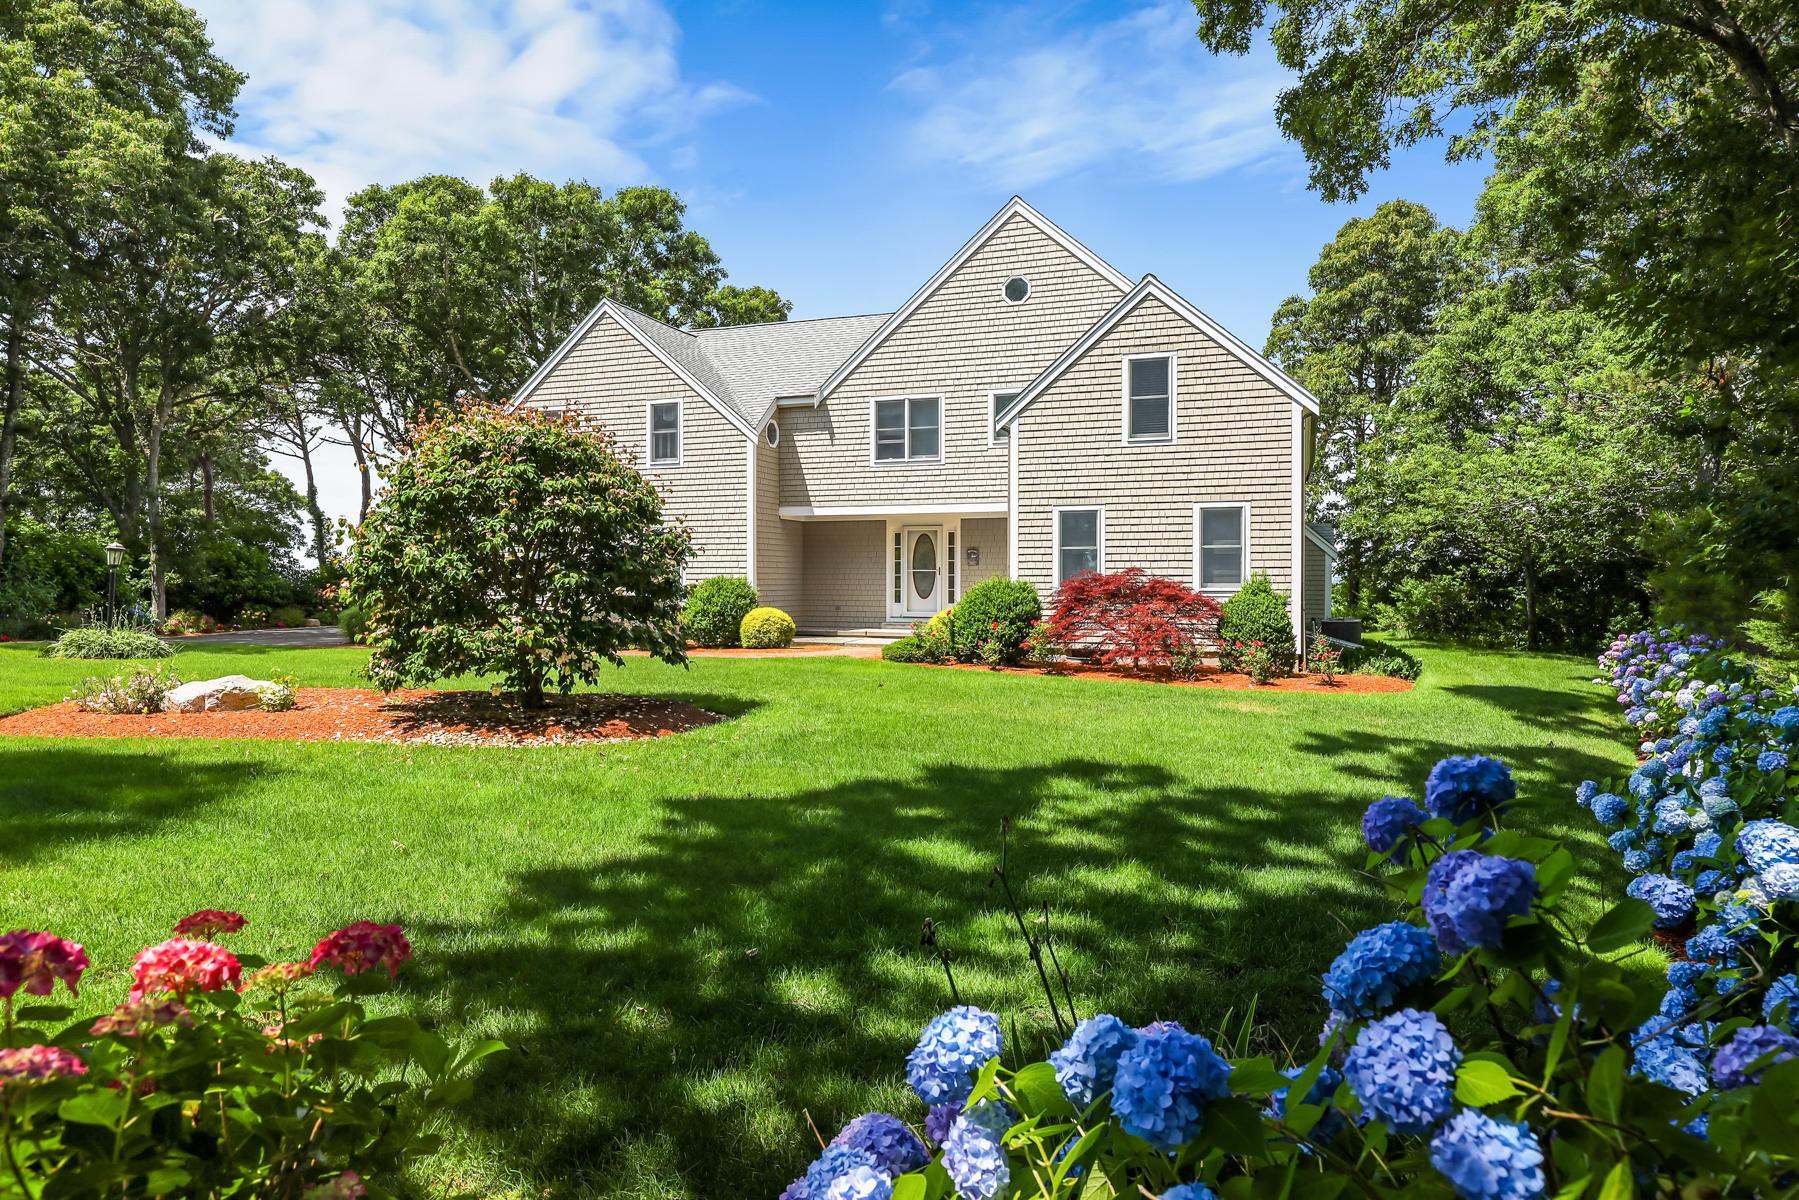 130 Hillbourne Terrace, Brewster MA, 02631 sales details